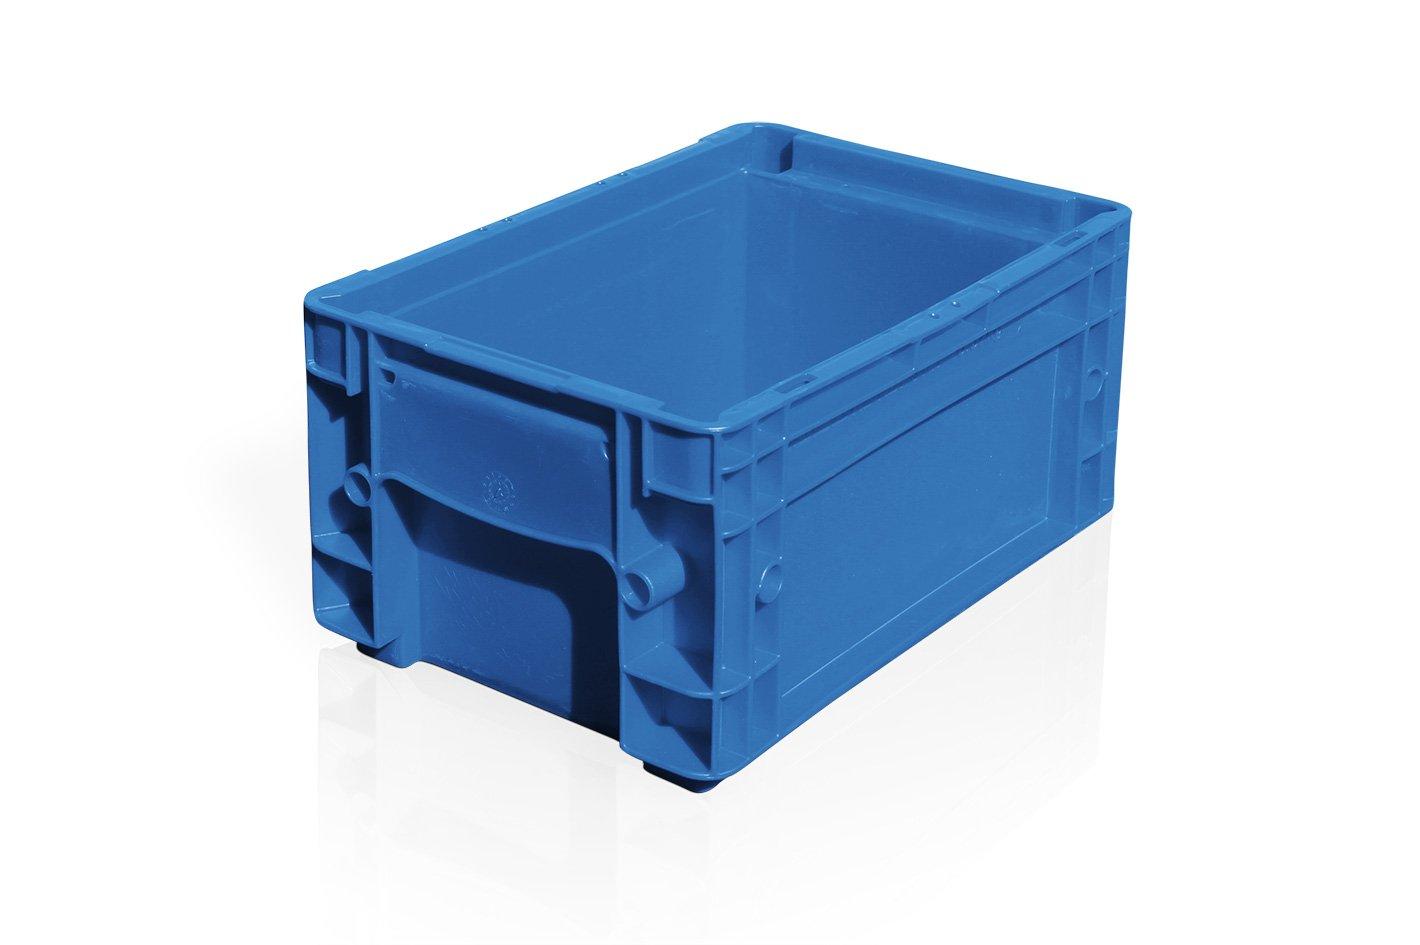 ISOCO Behä lter RL-KLT 3147 blau, 1 Stü ck